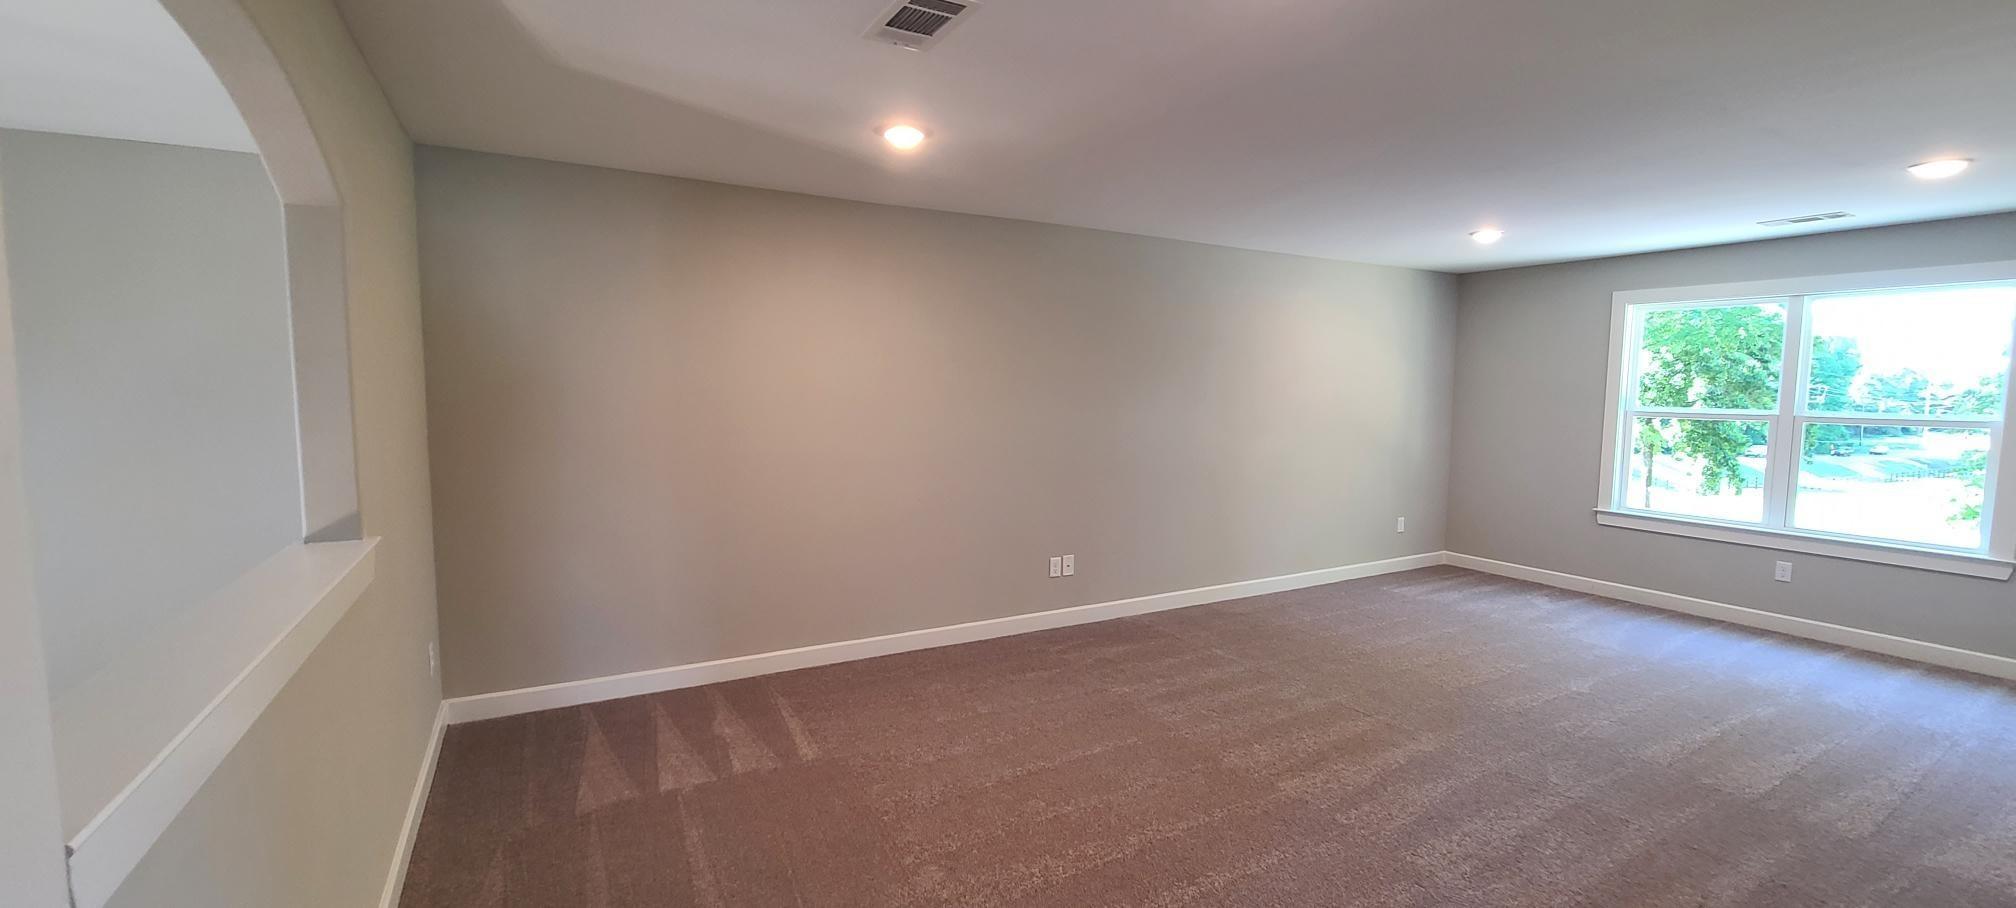 Bonus Room that overlooks Foyer